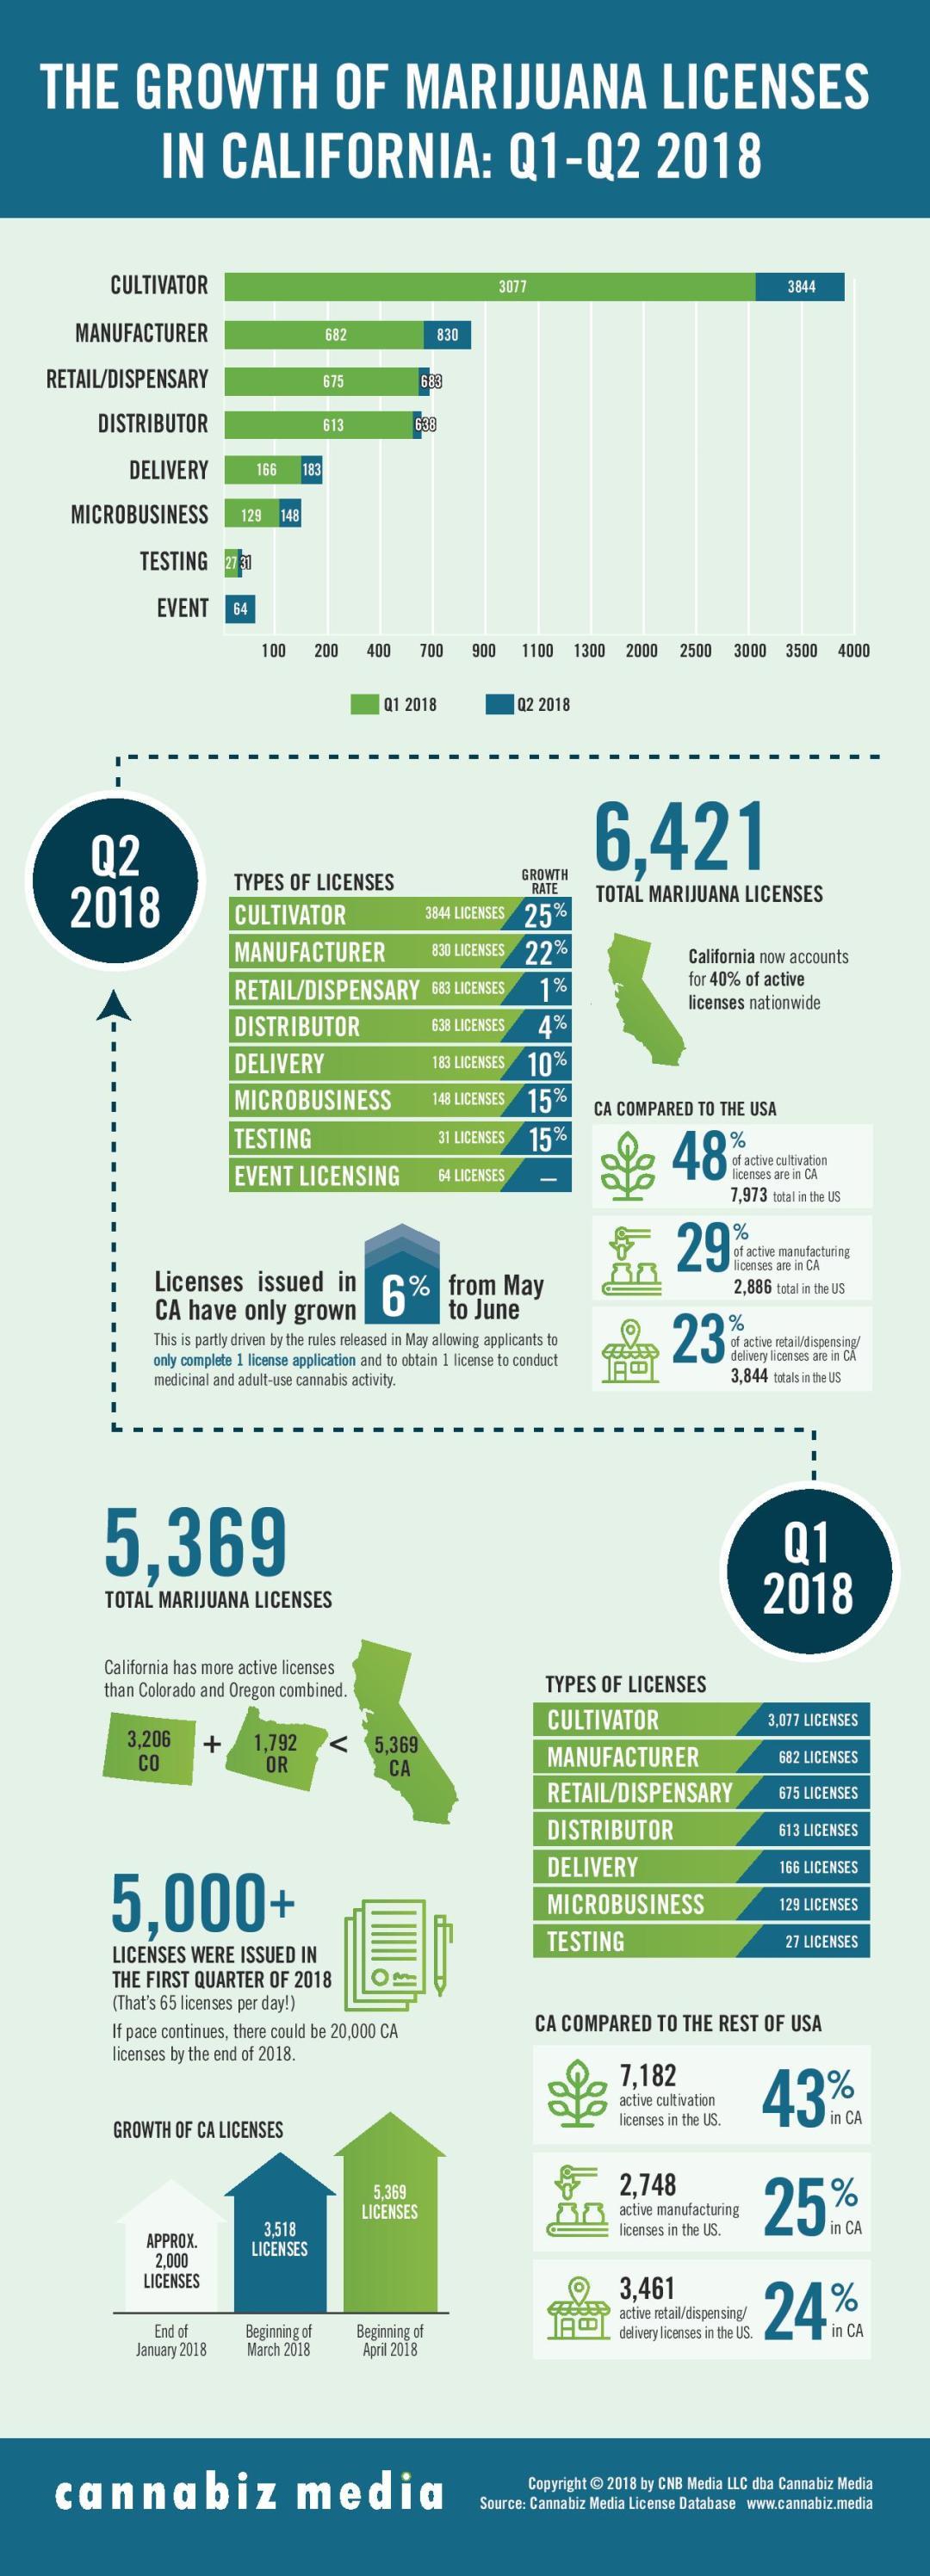 california marijuana licenses infographic Q1 Q2 2018